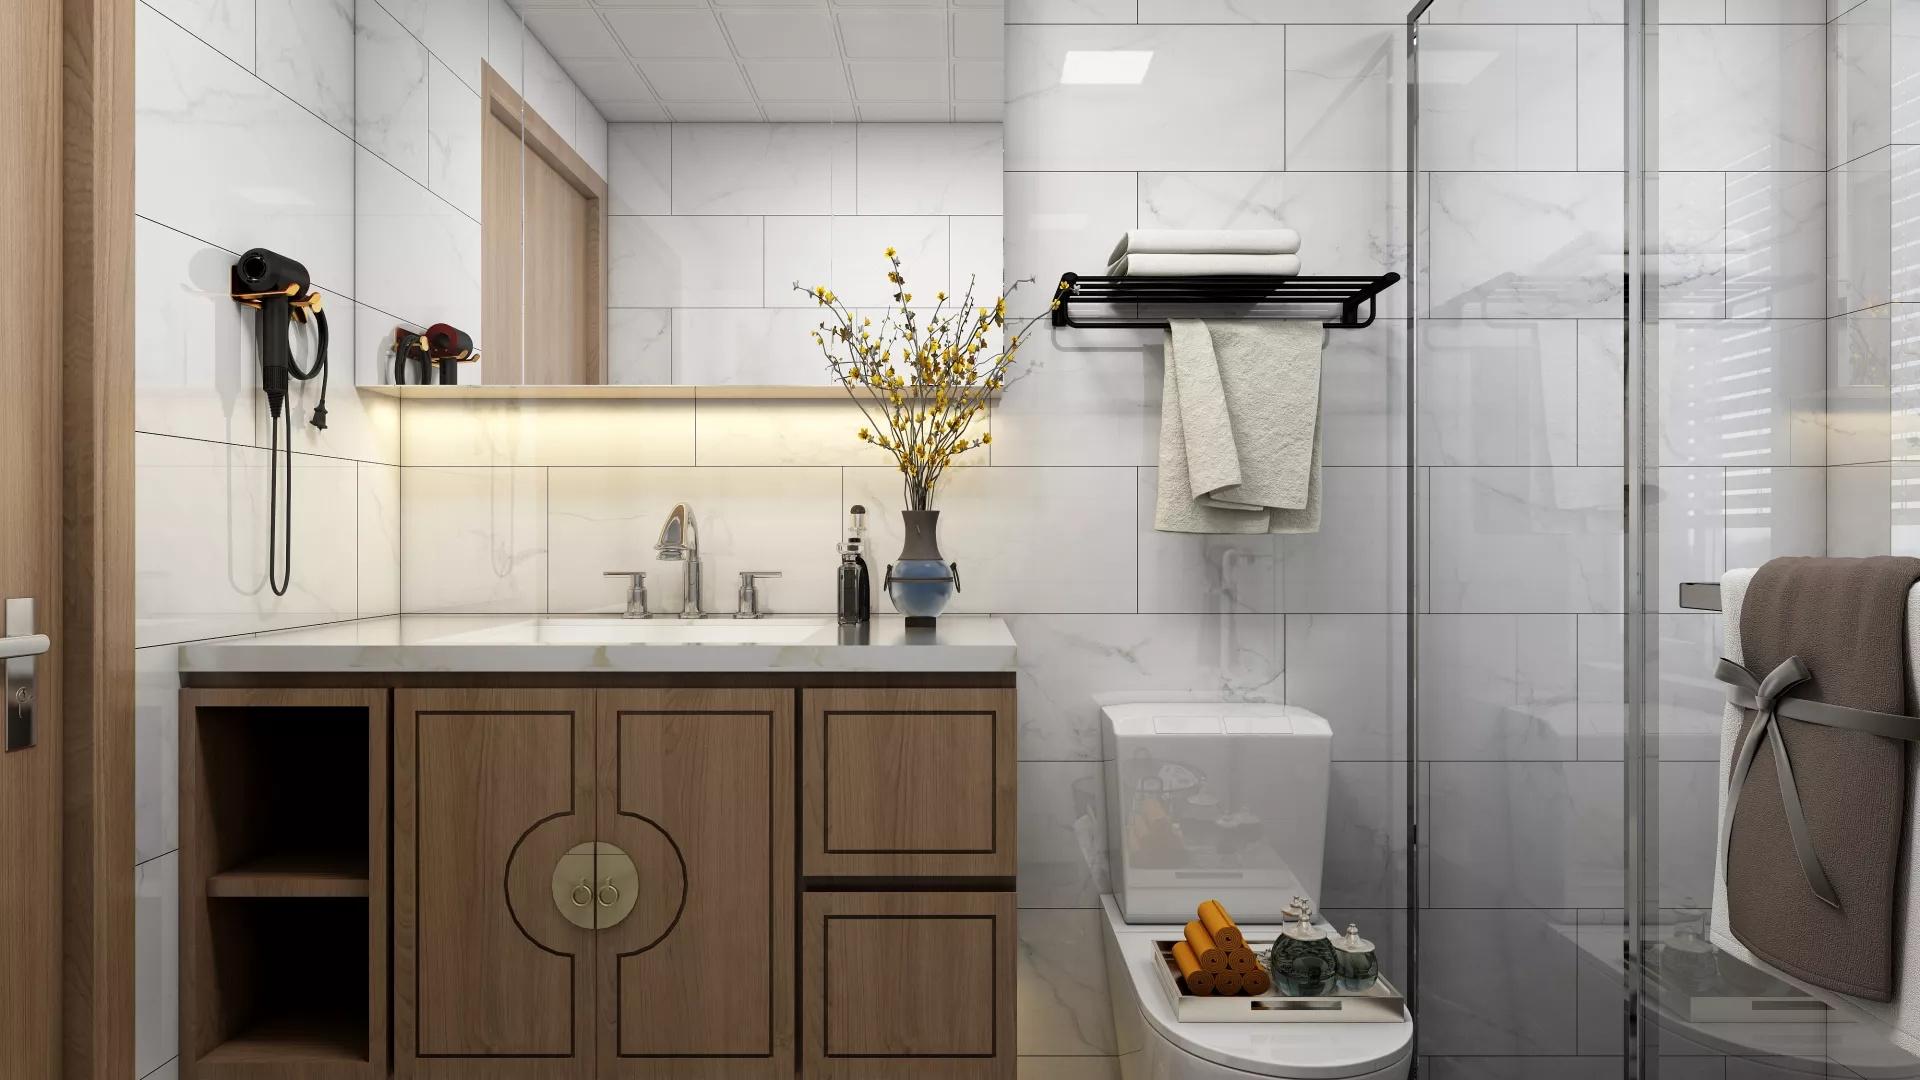 凯立淋浴房怎么样 凯立淋浴房质量好吗